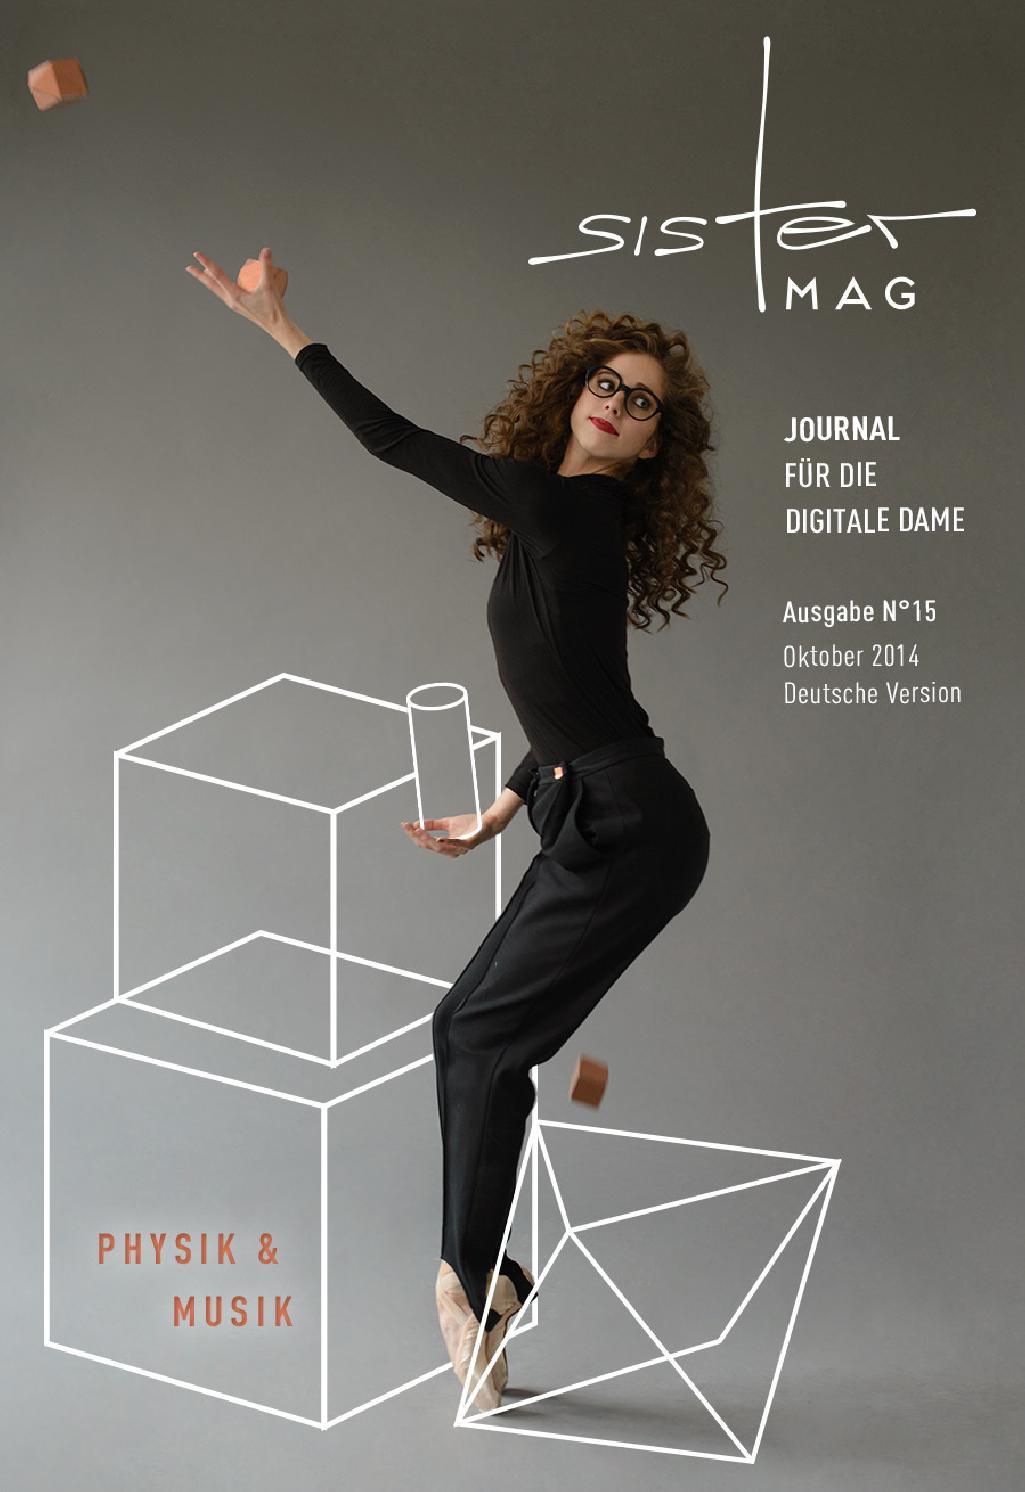 sisterMAG Ausgabe 15 by sisterMAG issuu